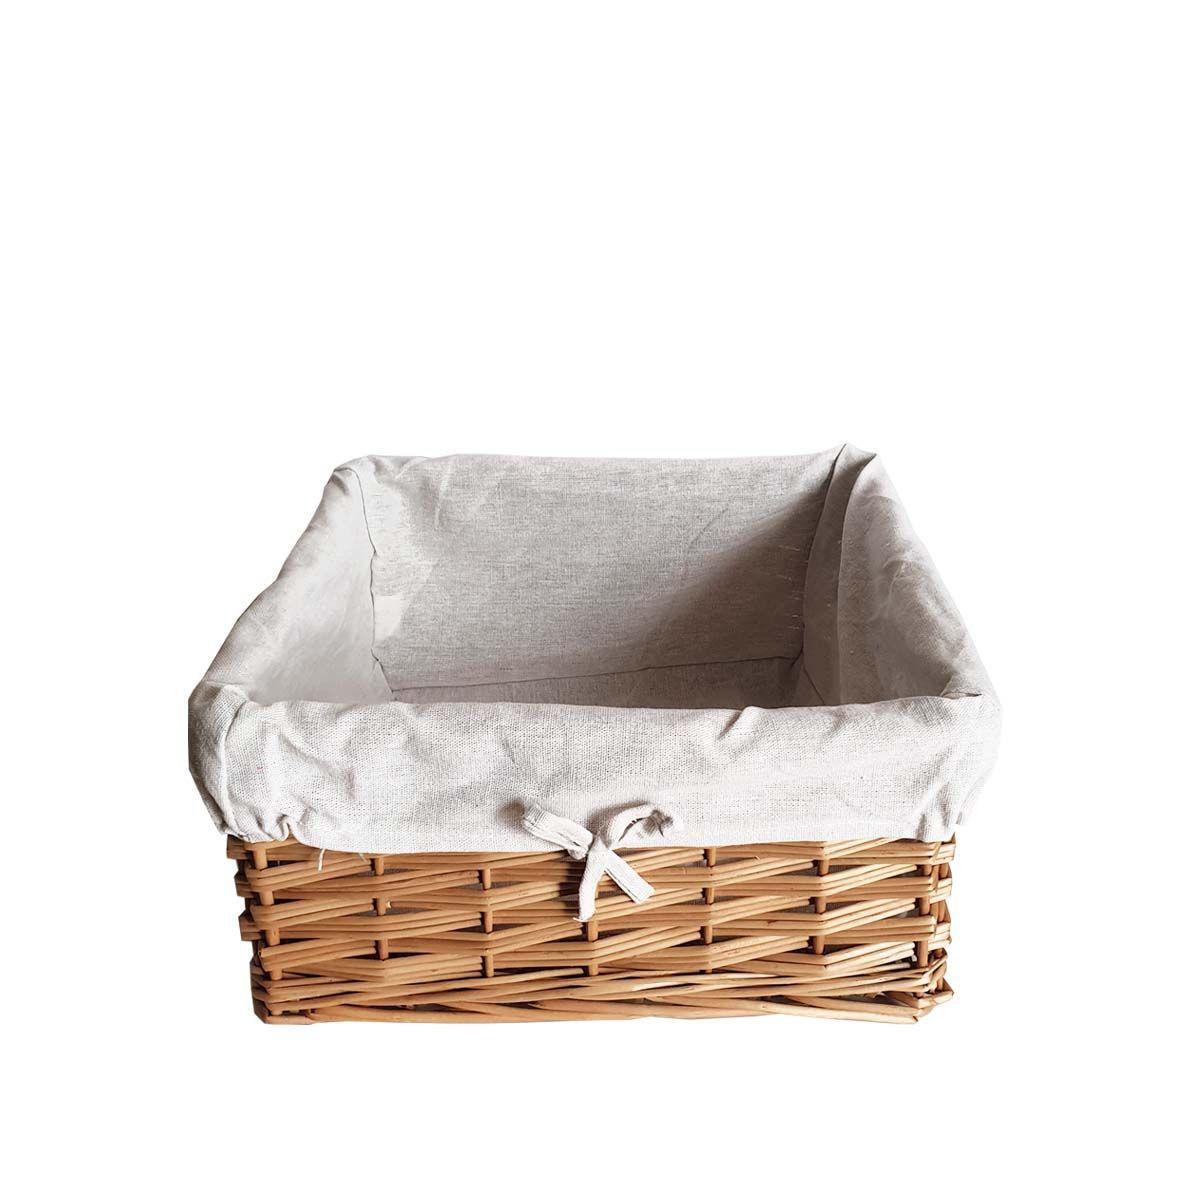 Panier de rangement carré en osier avec tissu - 35 x 35